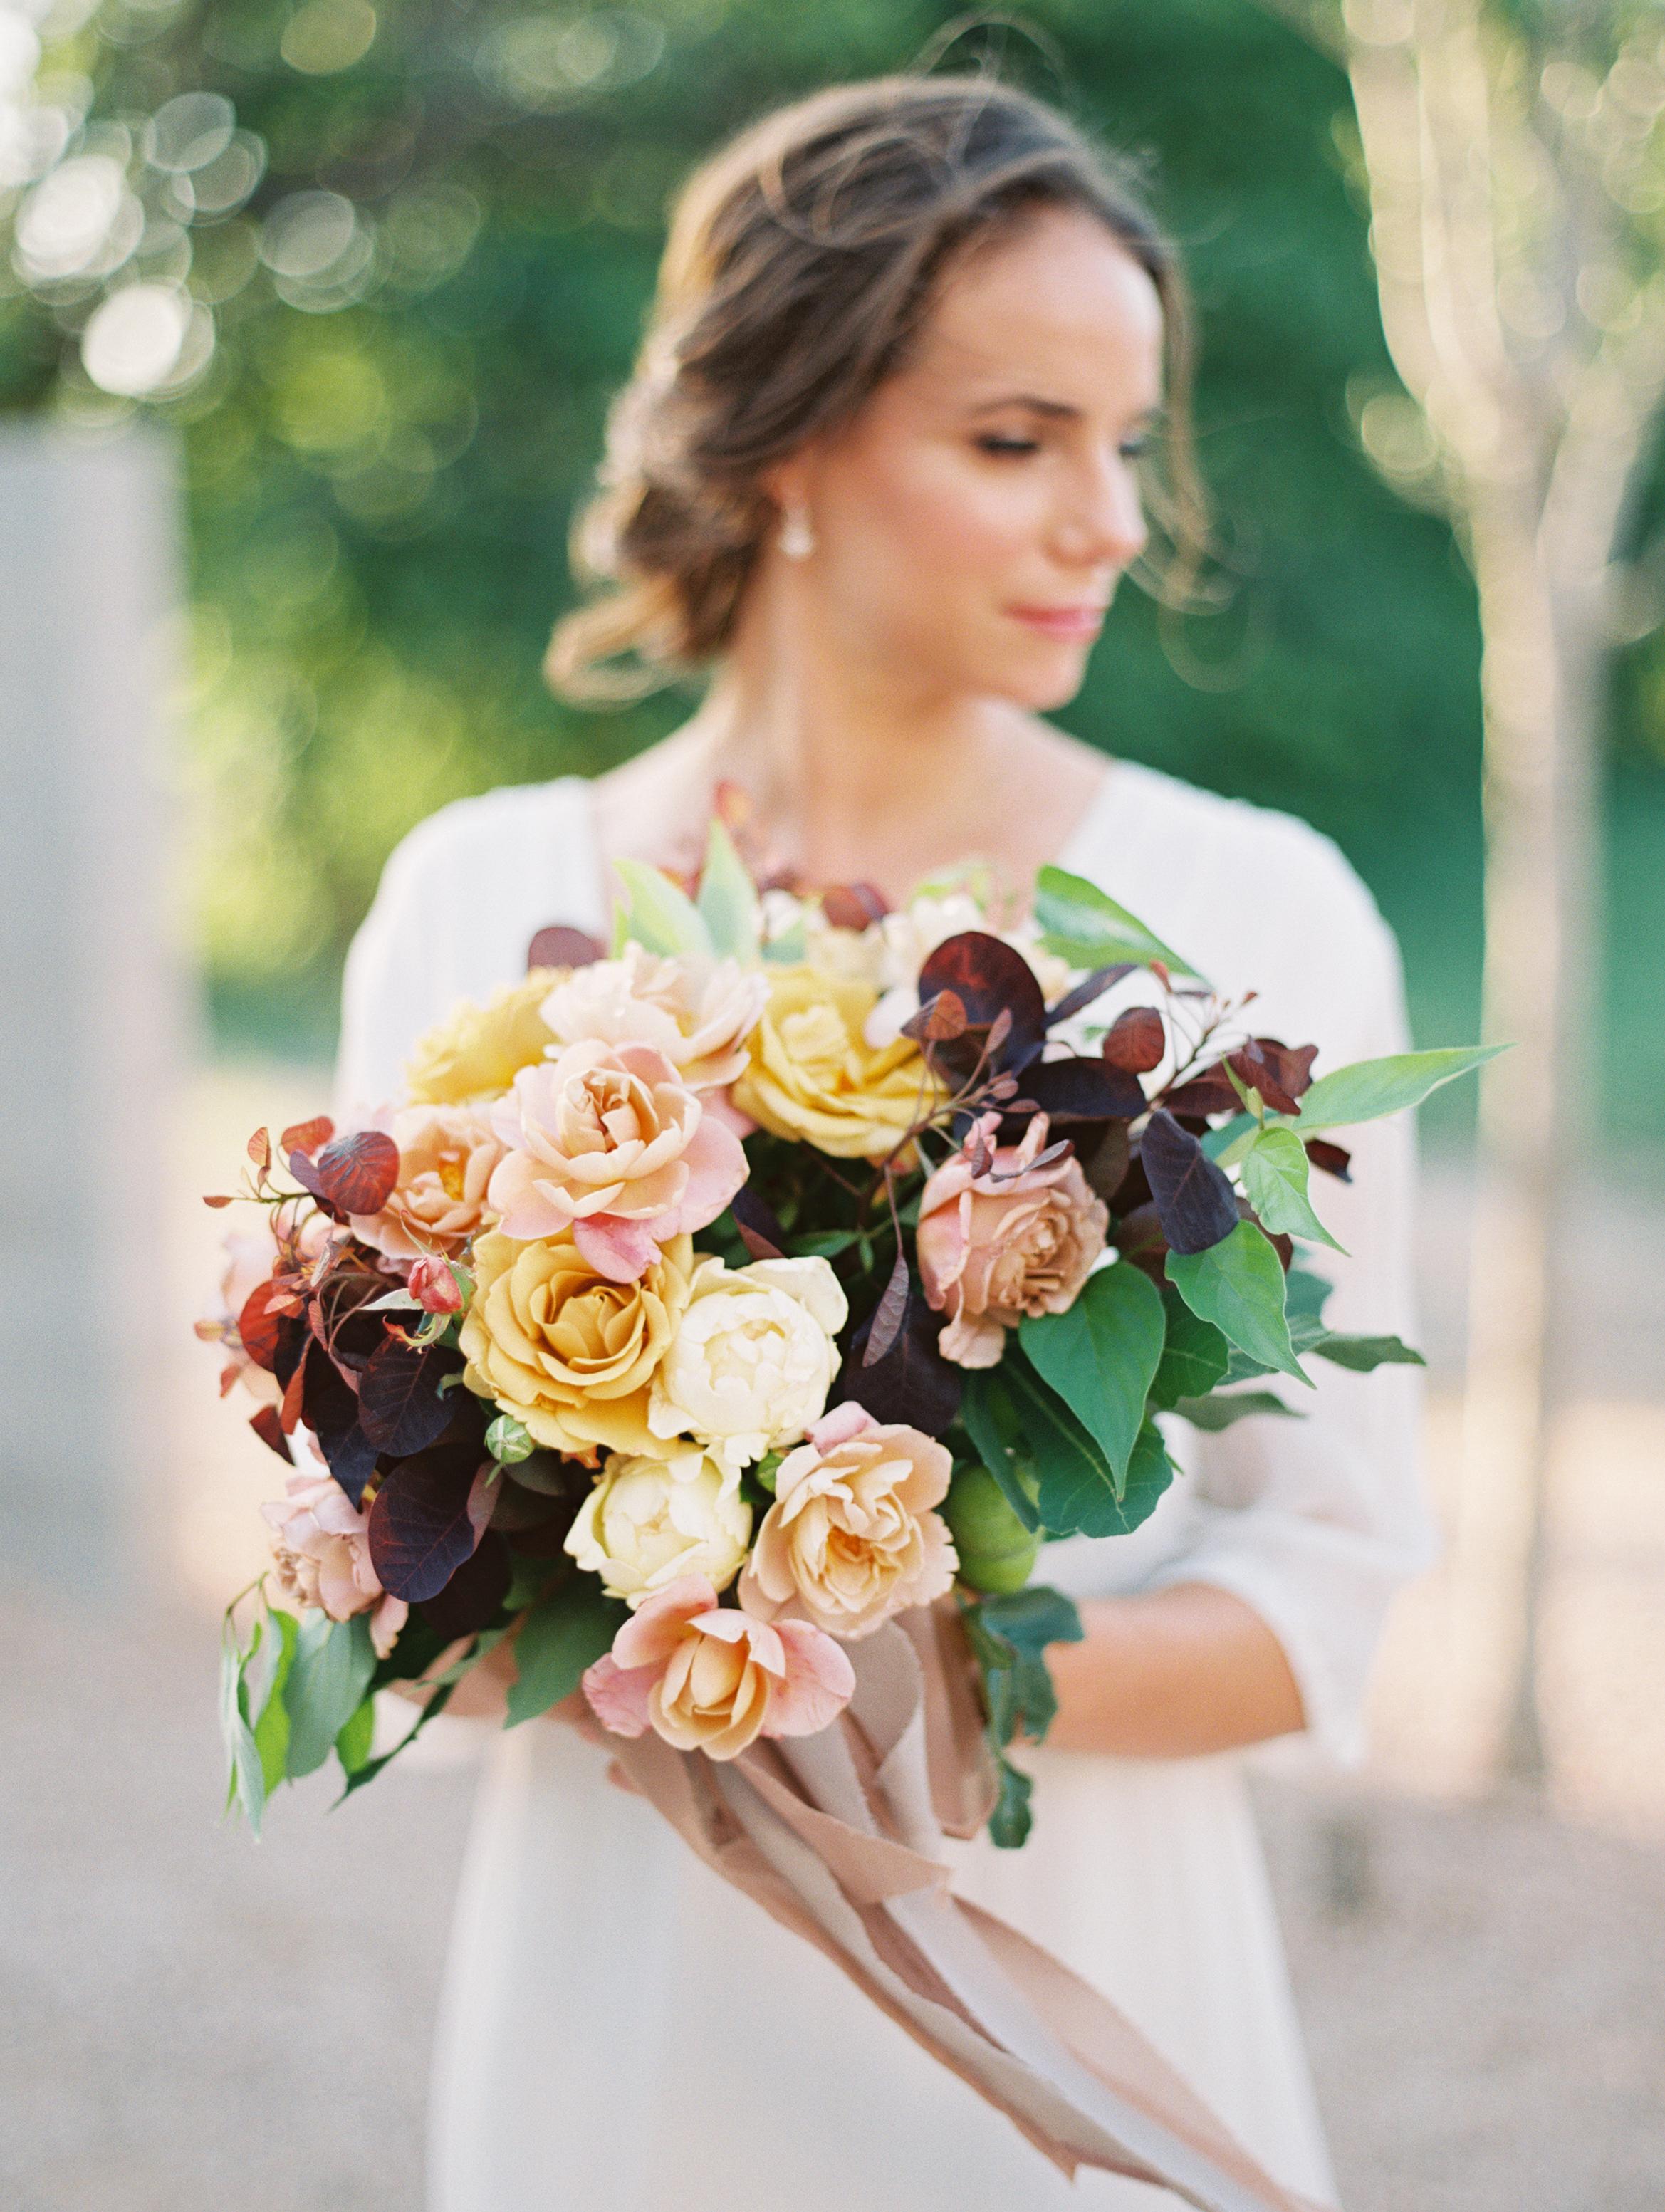 photo:  ALLEN TSAI / florals:  M  OSS FLORAL